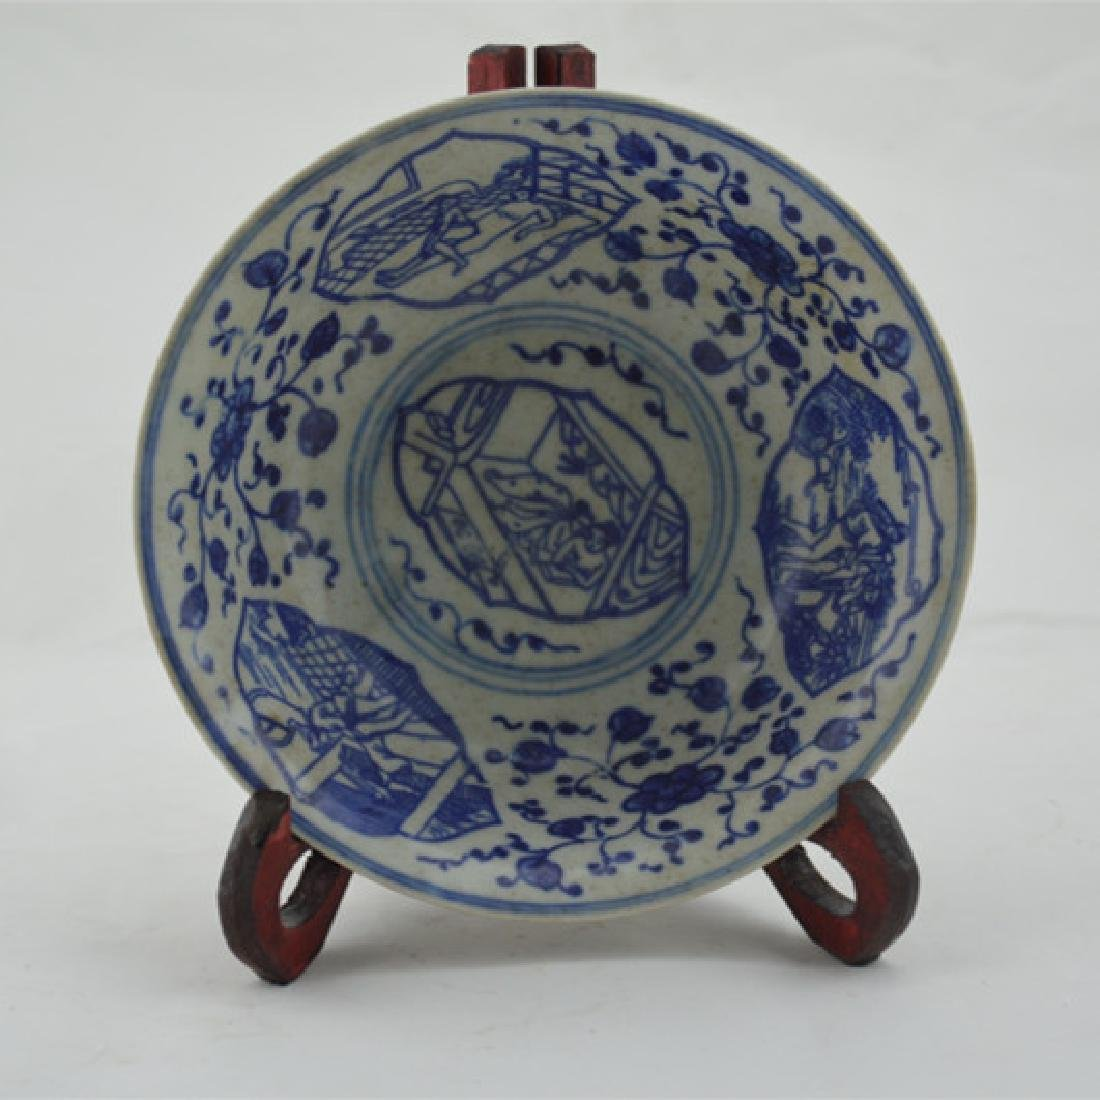 Chinese Qing Dynasty Blue & White Glaze Porcelain Bowl